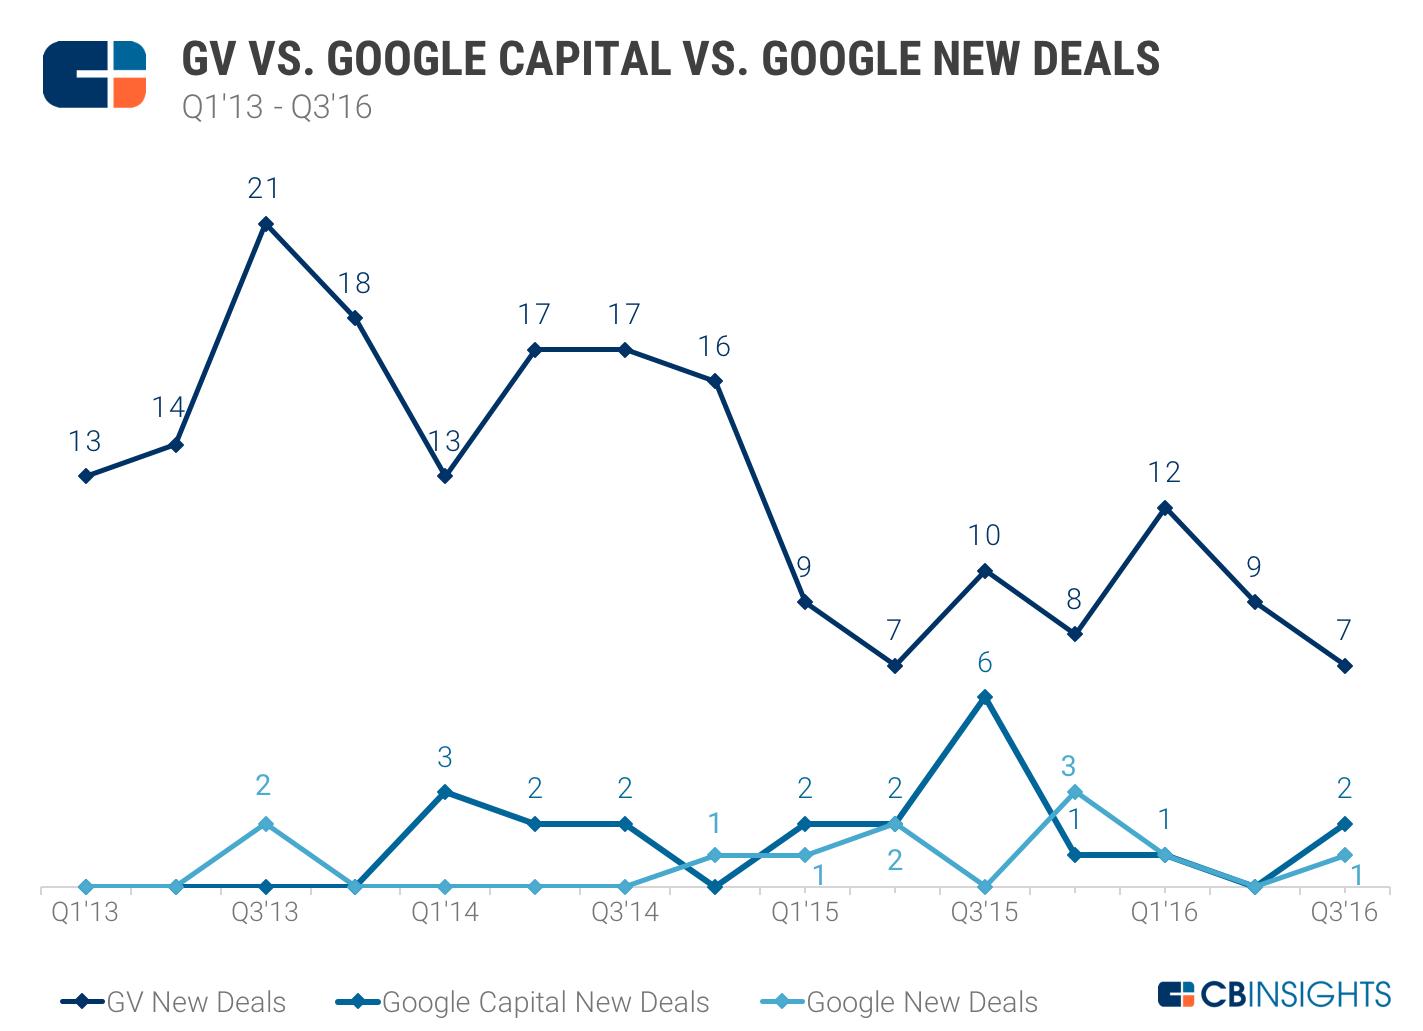 gv-gc-google-new-deals-q3-2016